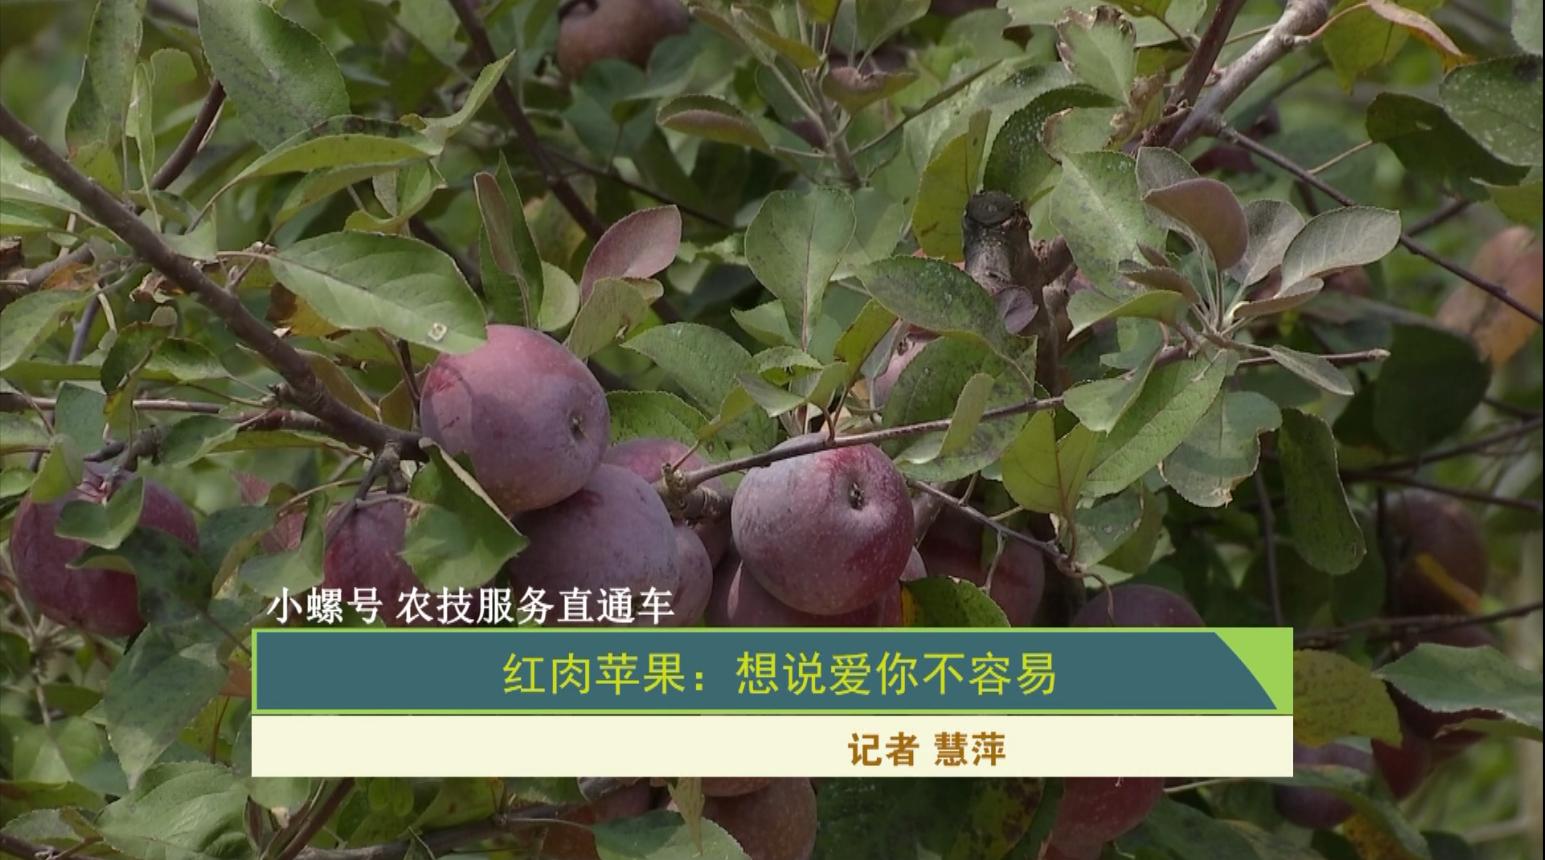 【小螺号 农技服务直通车】红肉苹果:想说爱你不容易